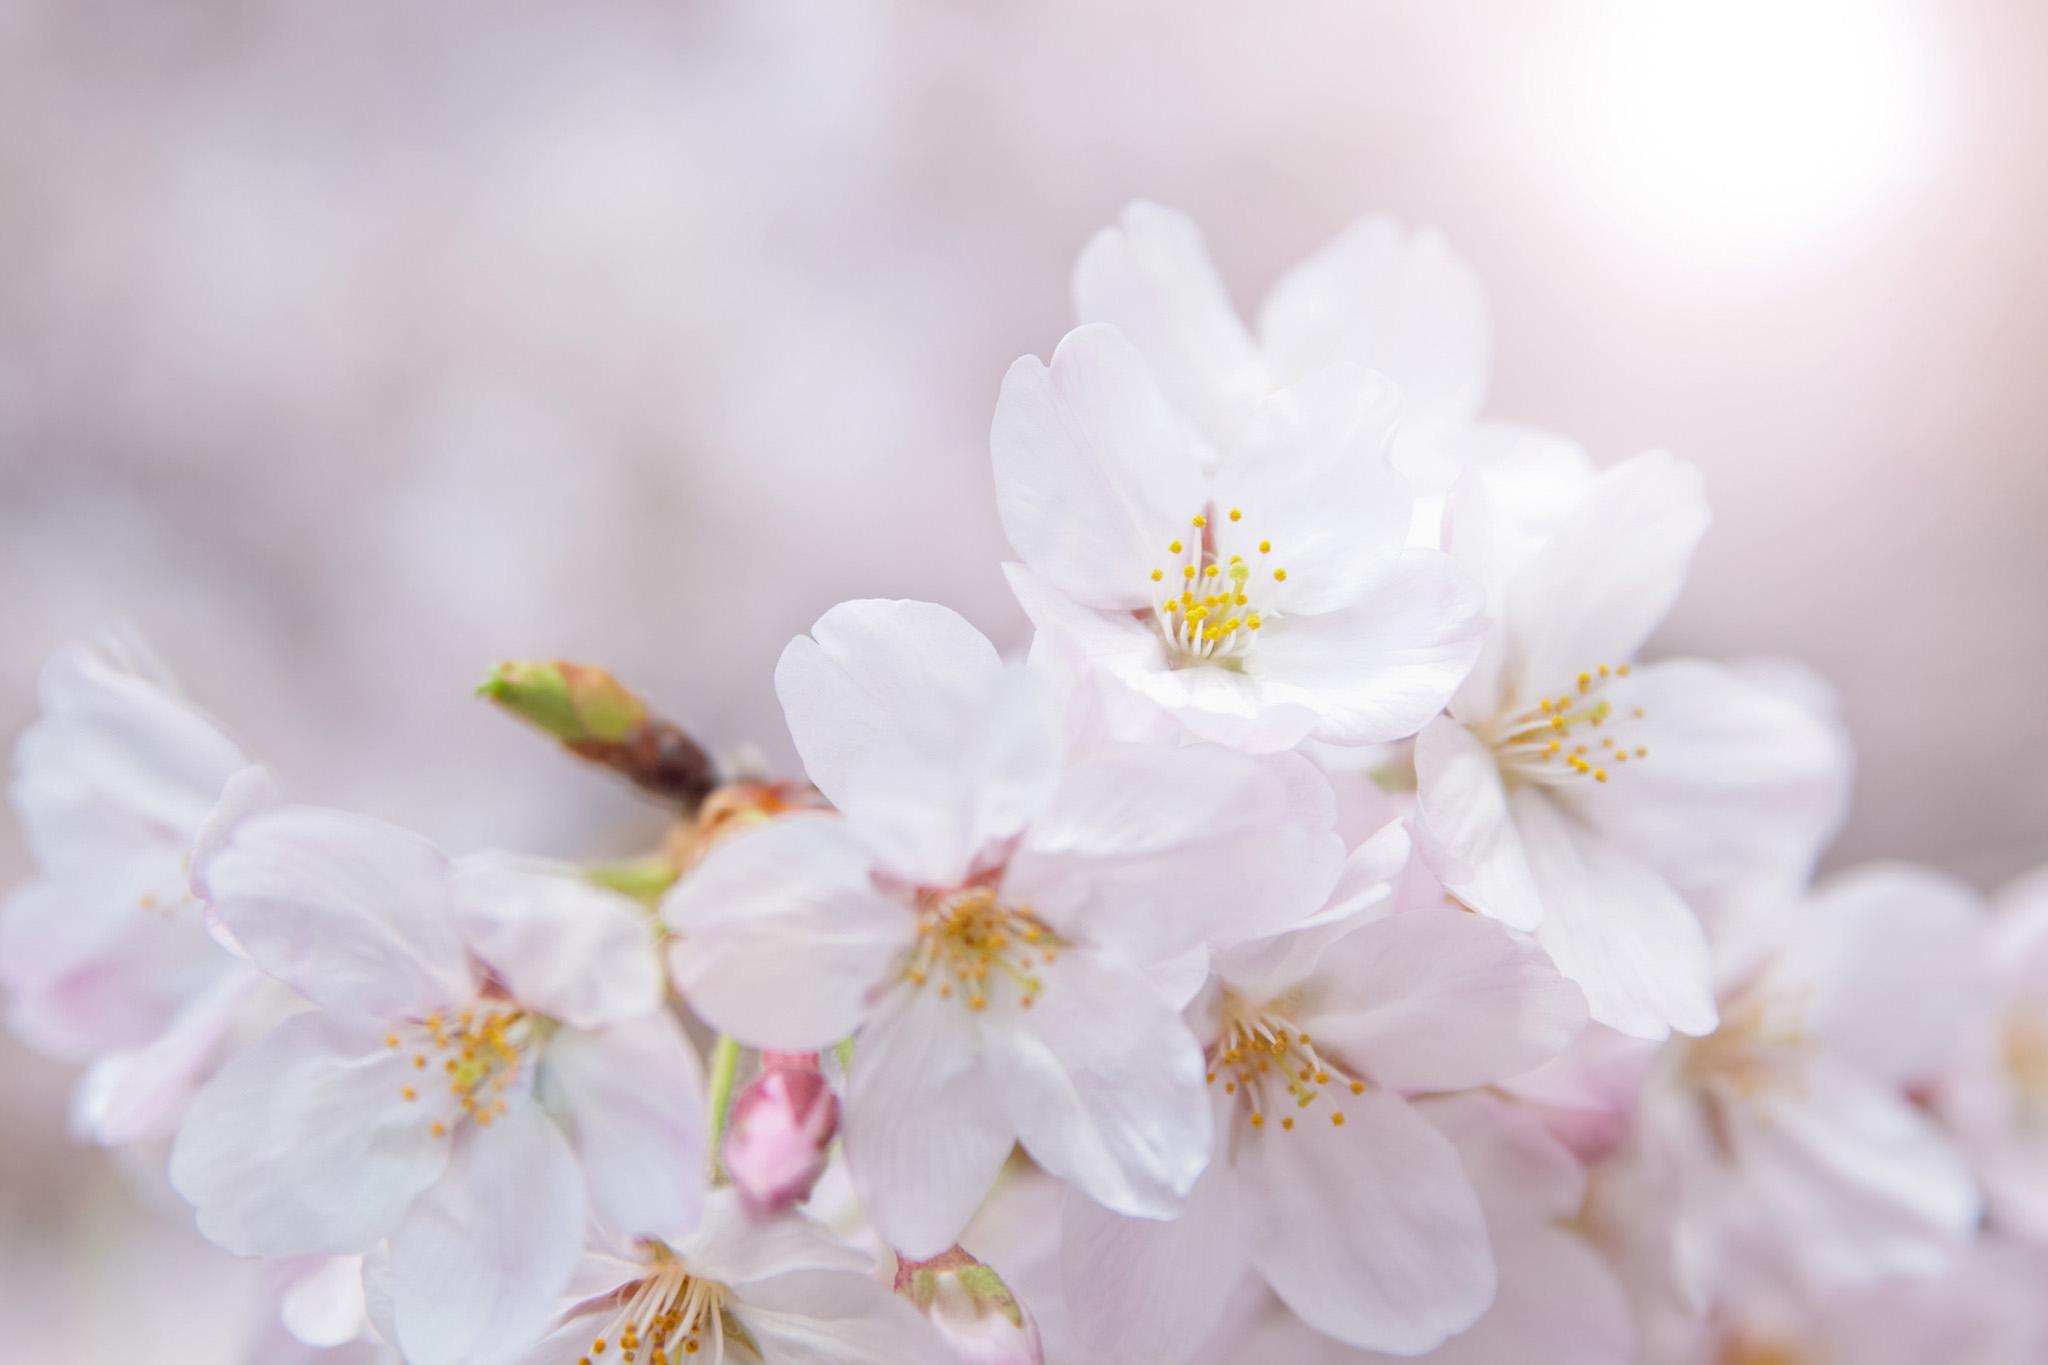 「太陽の光と桜の花びら」の背景を無料ダウンロード